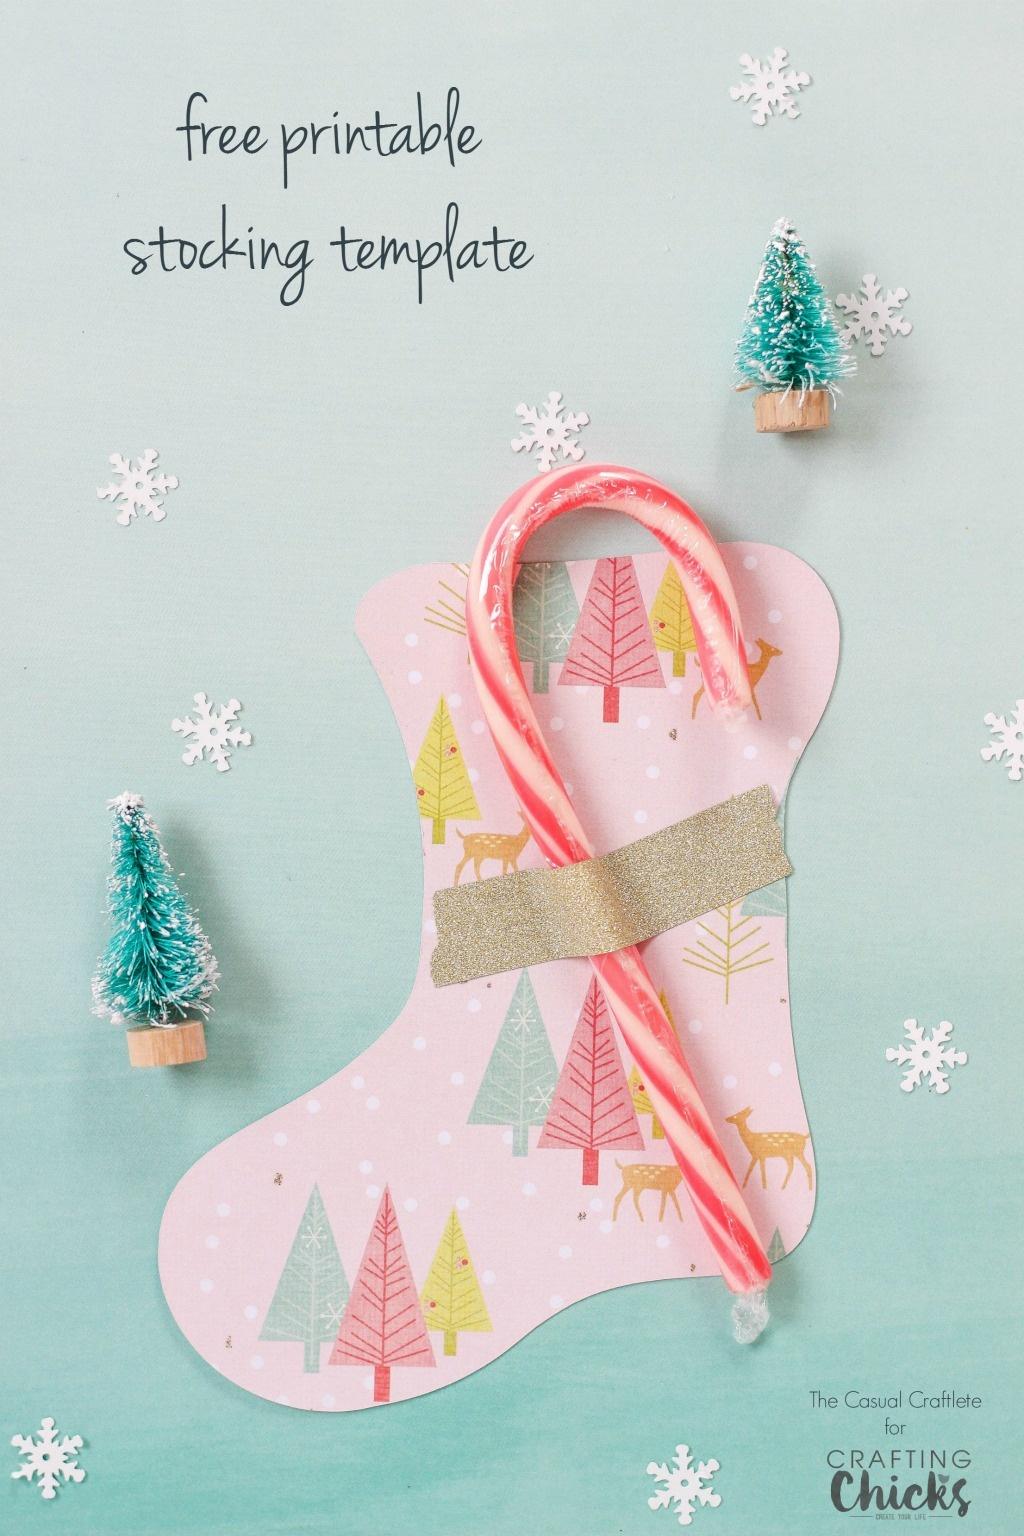 Free Printable Stocking Template - Christmas Stocking Template Printable Free